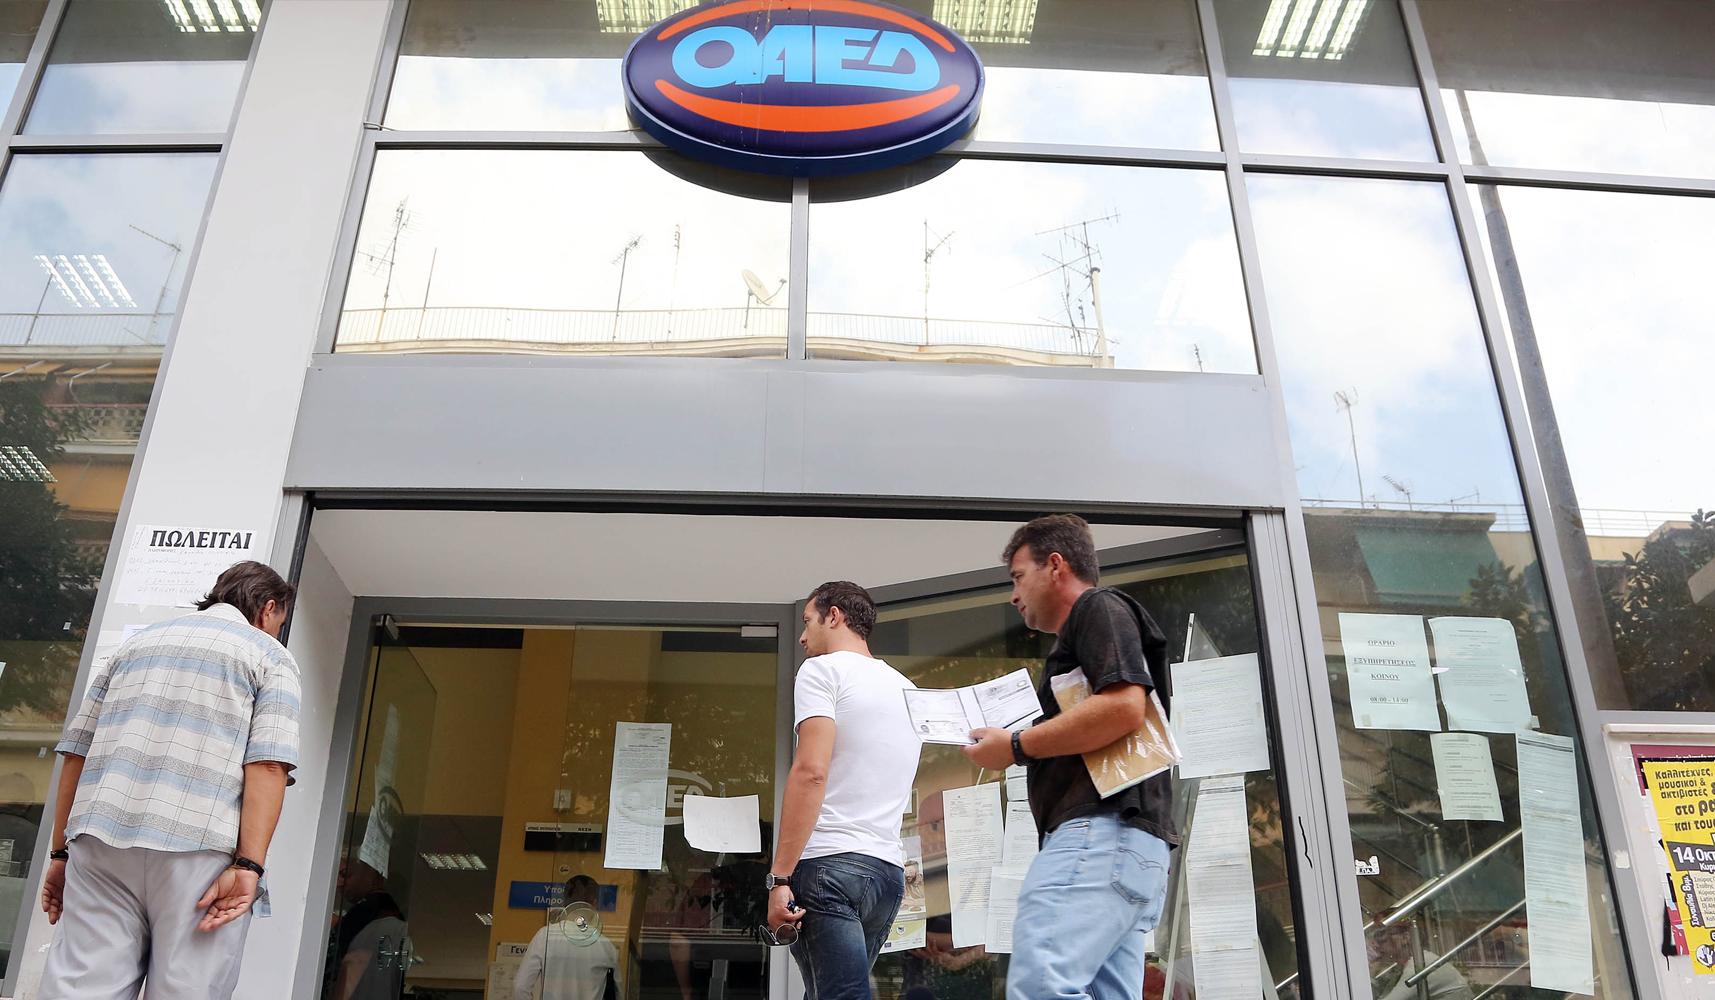 ΟΑΕΔ: Εκπνέει η προθεσμία υποβολής αιτήσεων για 5.500 προσλήψεις ανέργων στο Δημόσιο